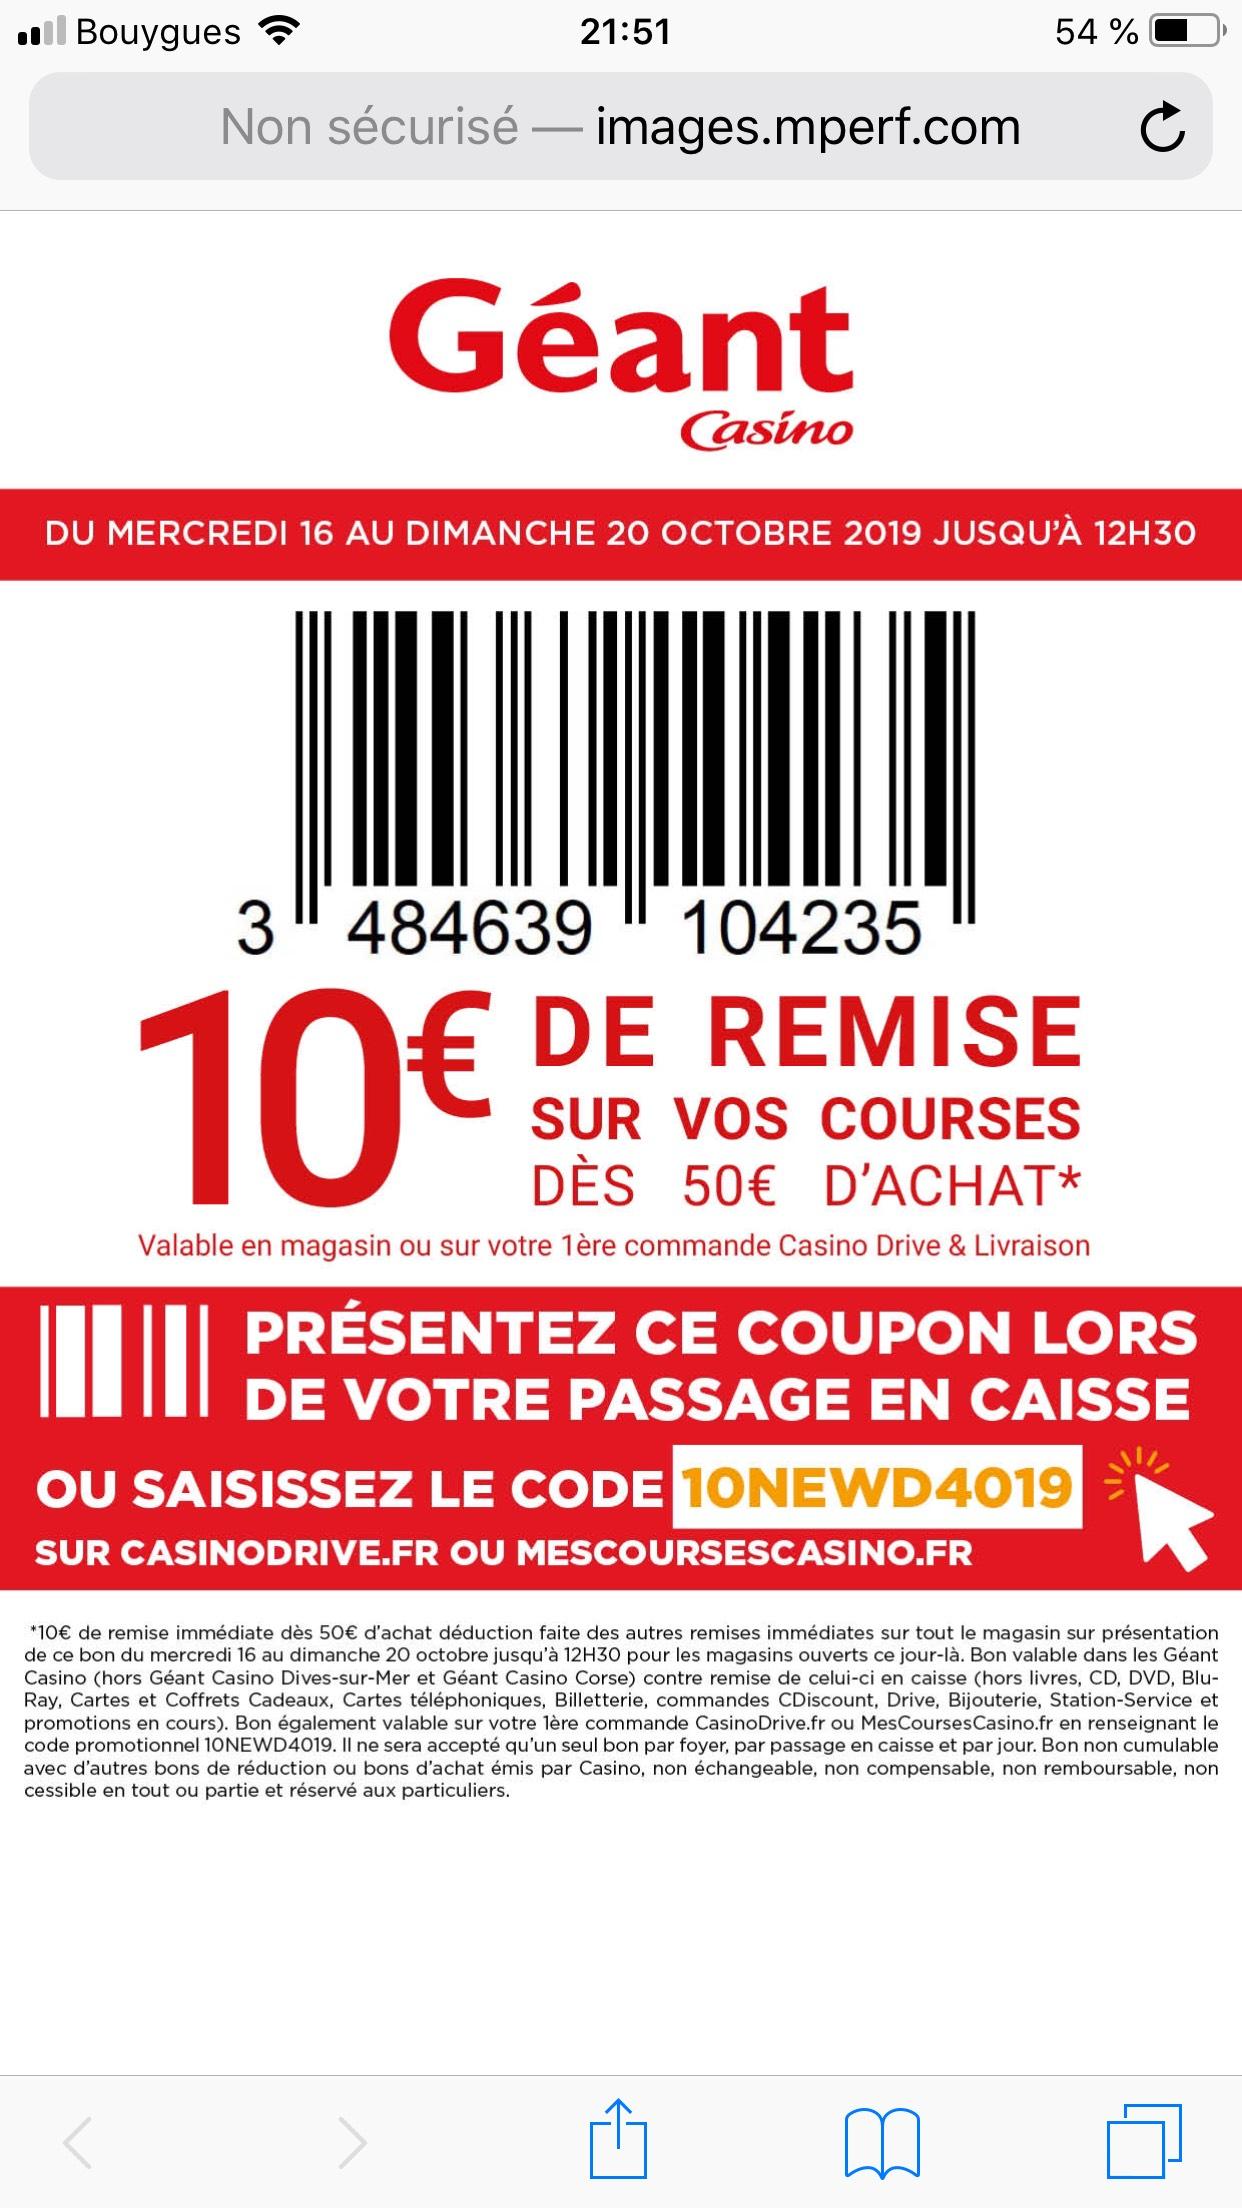 10€ de réduction dès 50€ d'achats